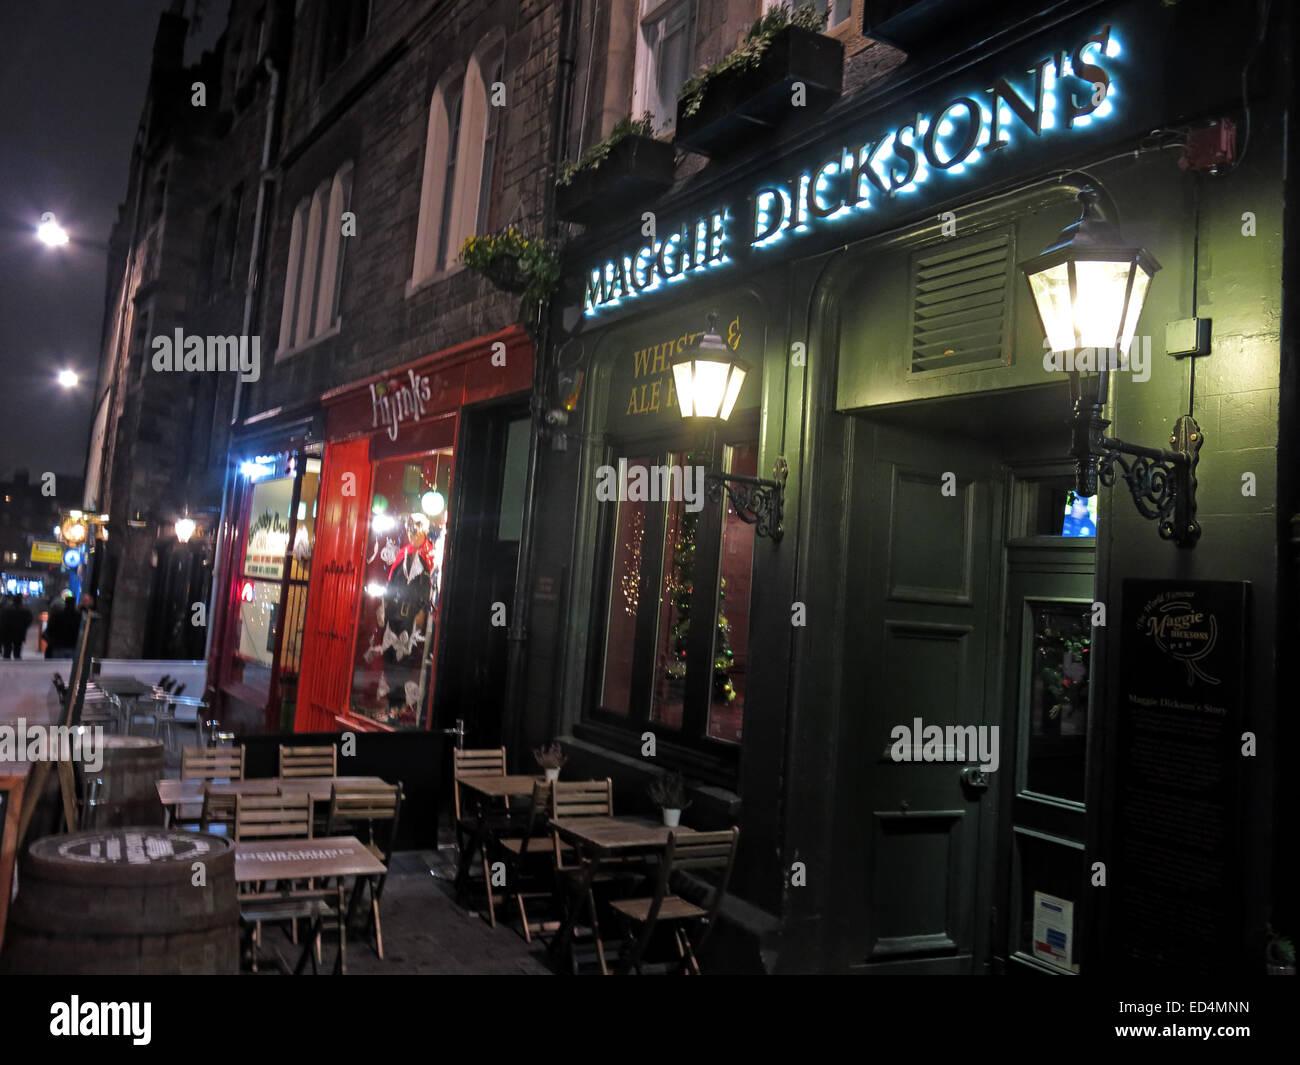 Laden Sie dieses Alamy Stockfoto Maggie Dicksons Pub Grassmarket nachts, Edinburgh, Scotland, UK - halbe Hangit Maggie - ED4MNN